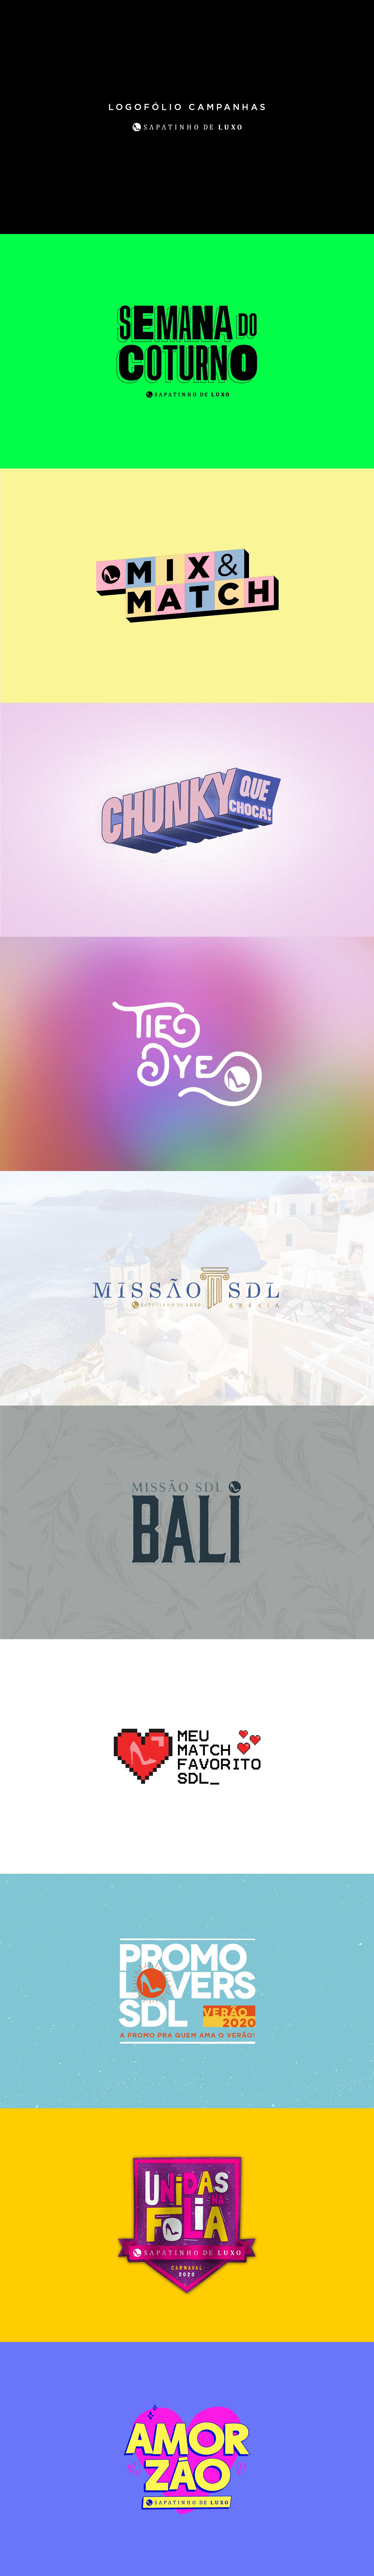 campanhas identidade visual logofolio logos